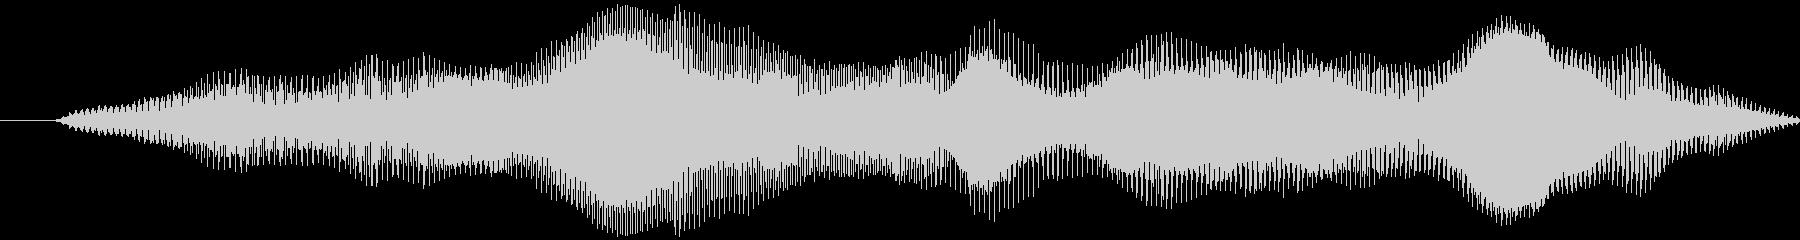 グラビティチューブ(上昇、長め)ミョーンの未再生の波形